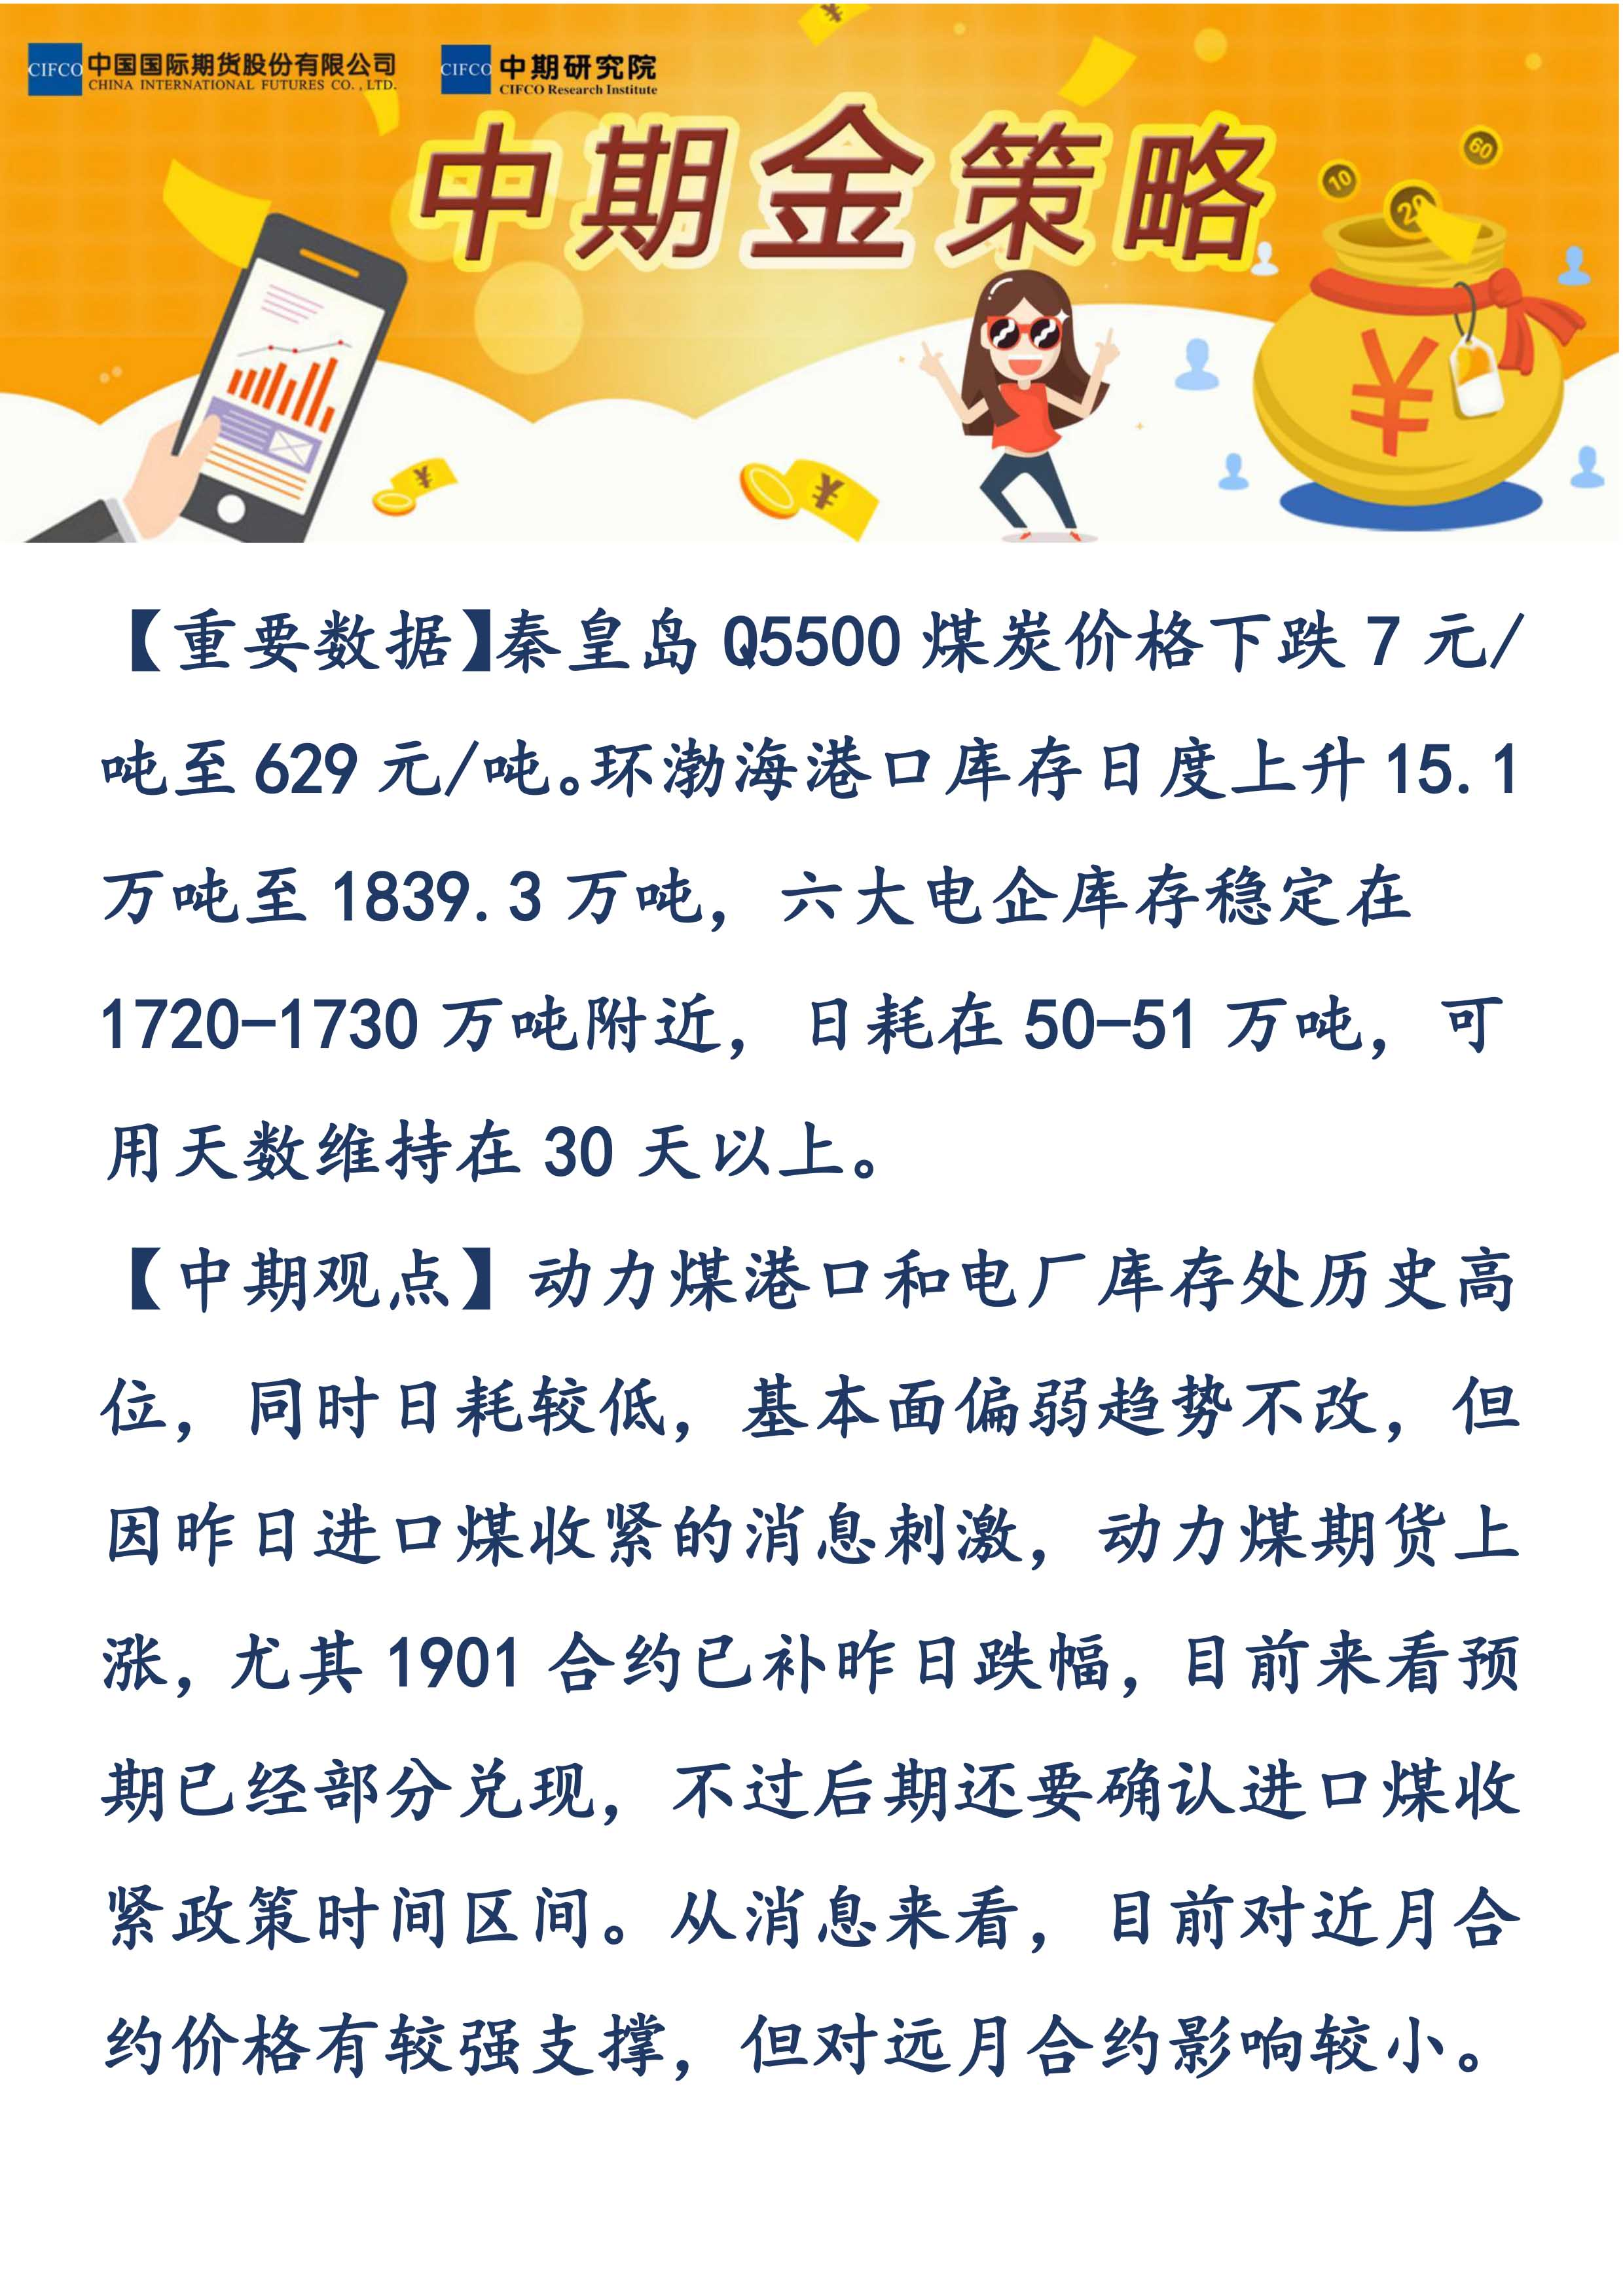 【易胜博金策略】-20181114-动力煤-1.jpg